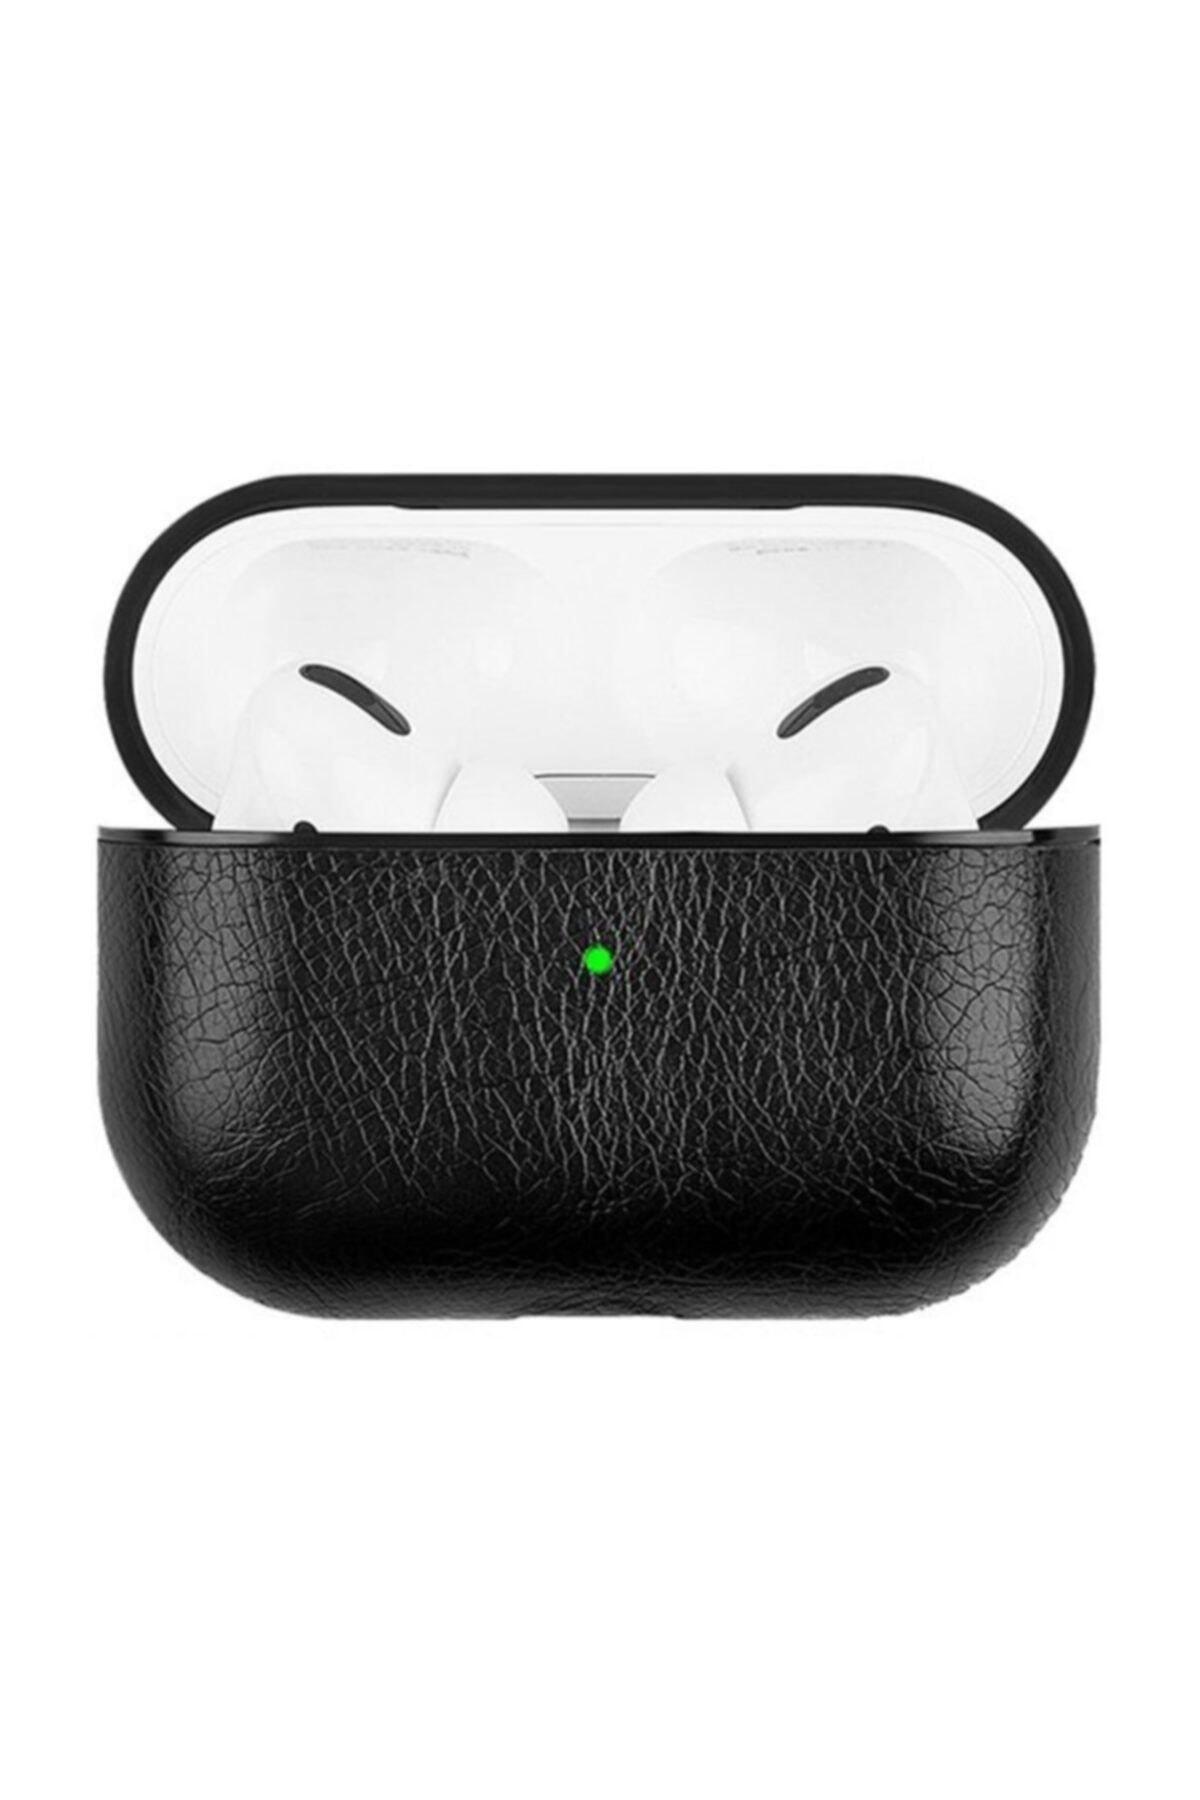 Telehome Siyah Apple Kulaklık Koruma Deri Airpods Pro Kılıf 2